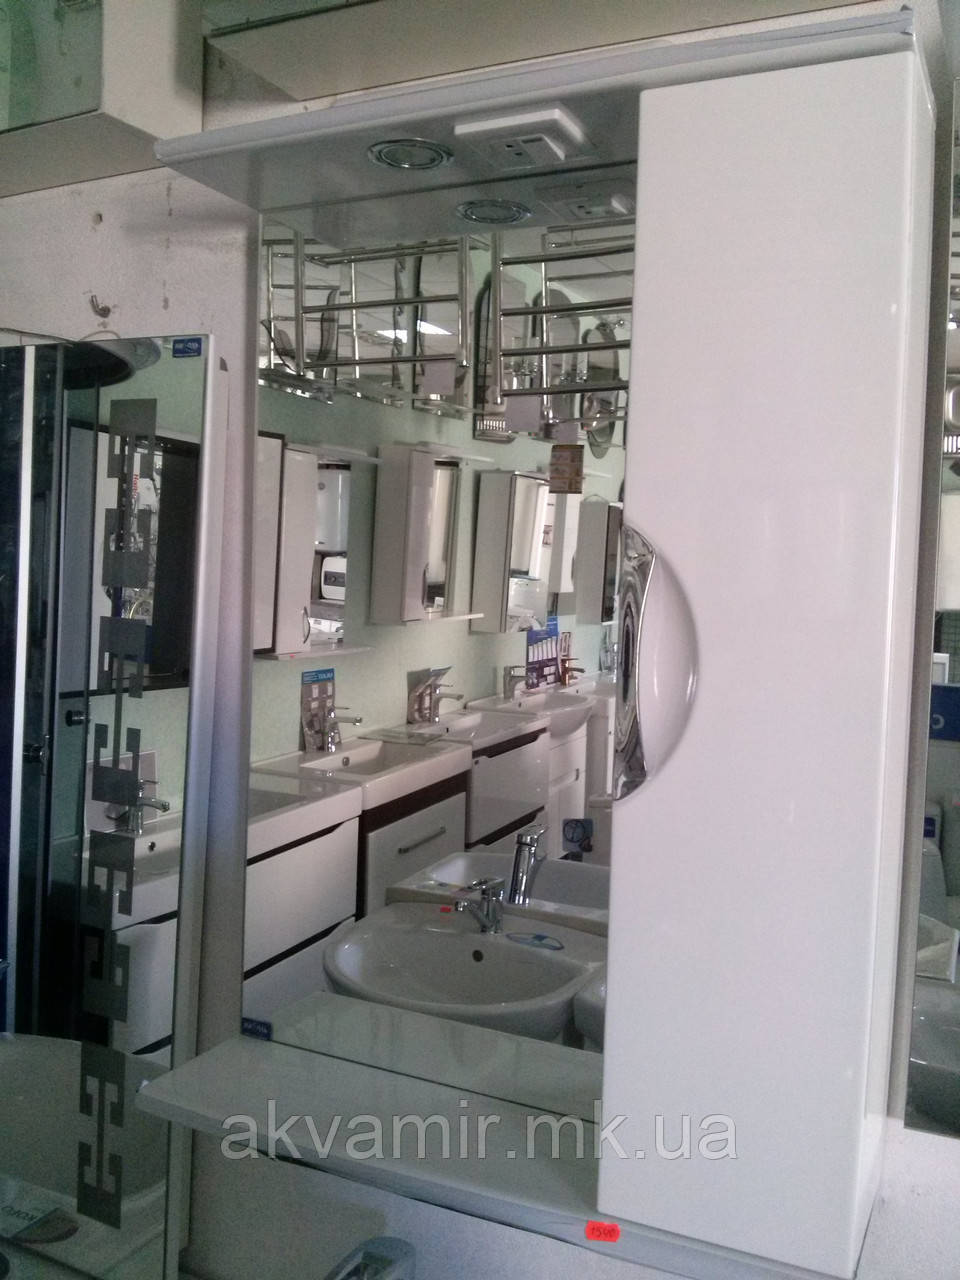 Зеркало в ванную З-04 ВР Николь 50 см врезная ручка